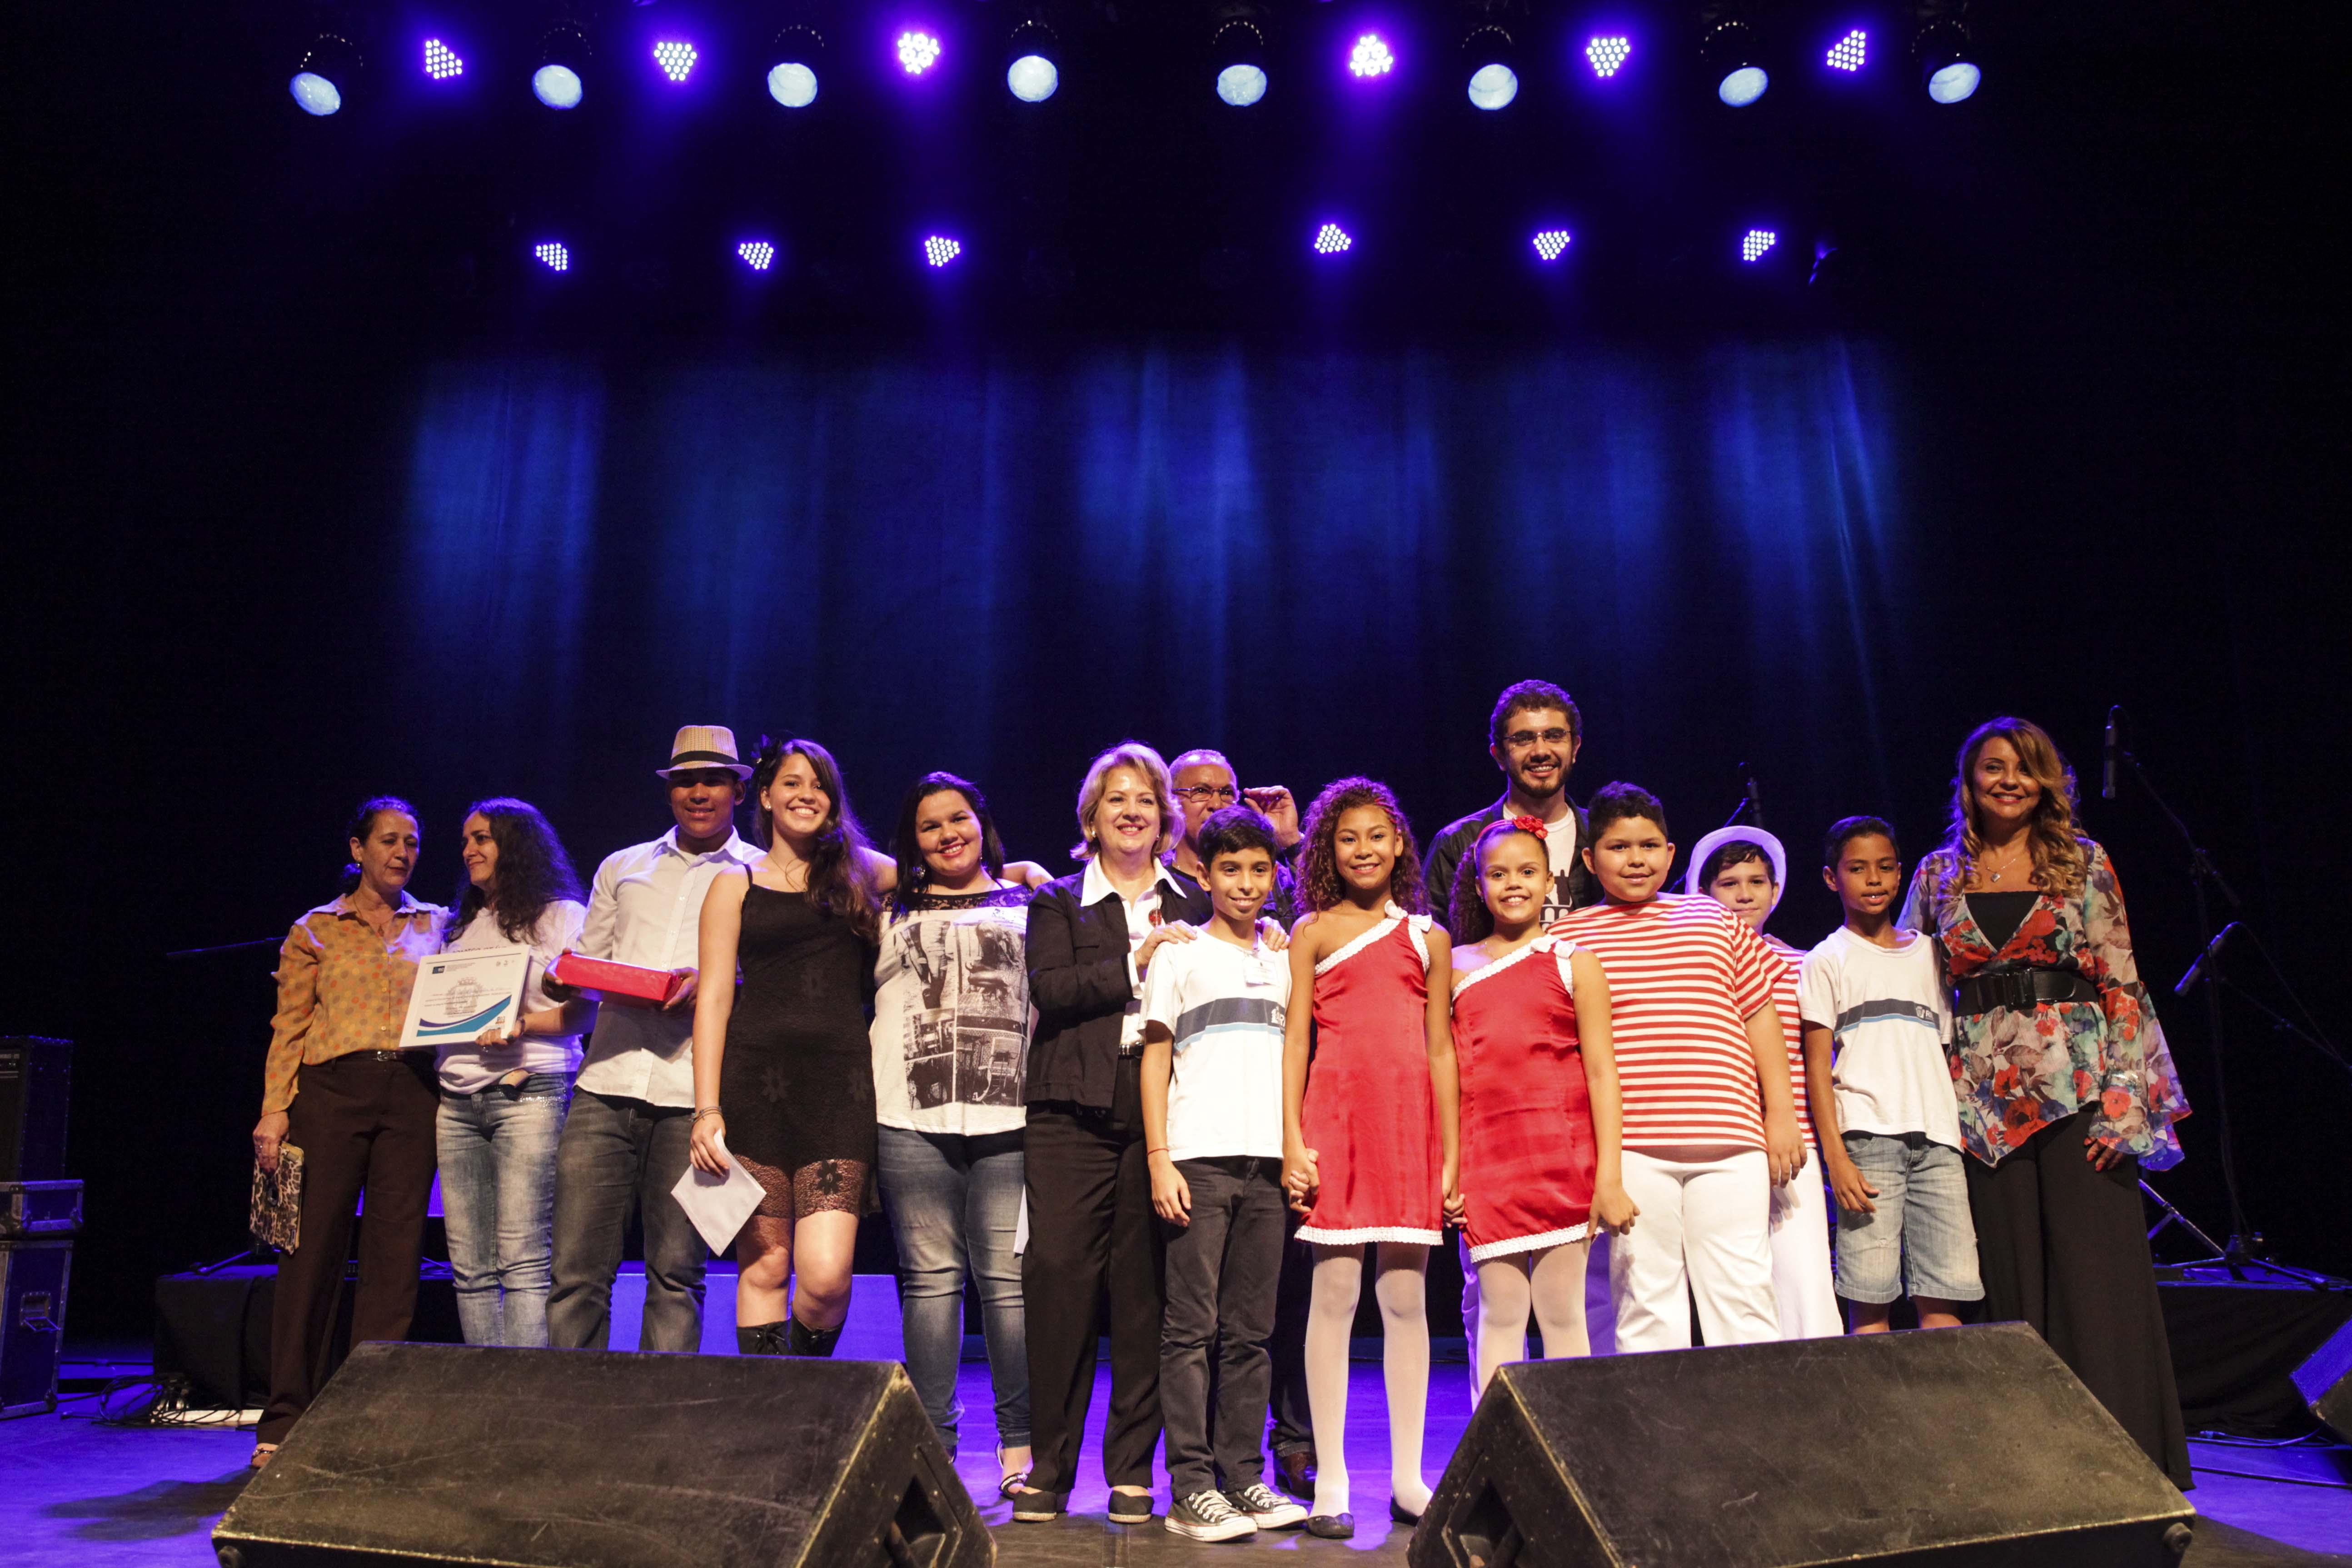 Secretaria Municipal de Educação realiza XXVII Festival da Canção das Escolas Municipais